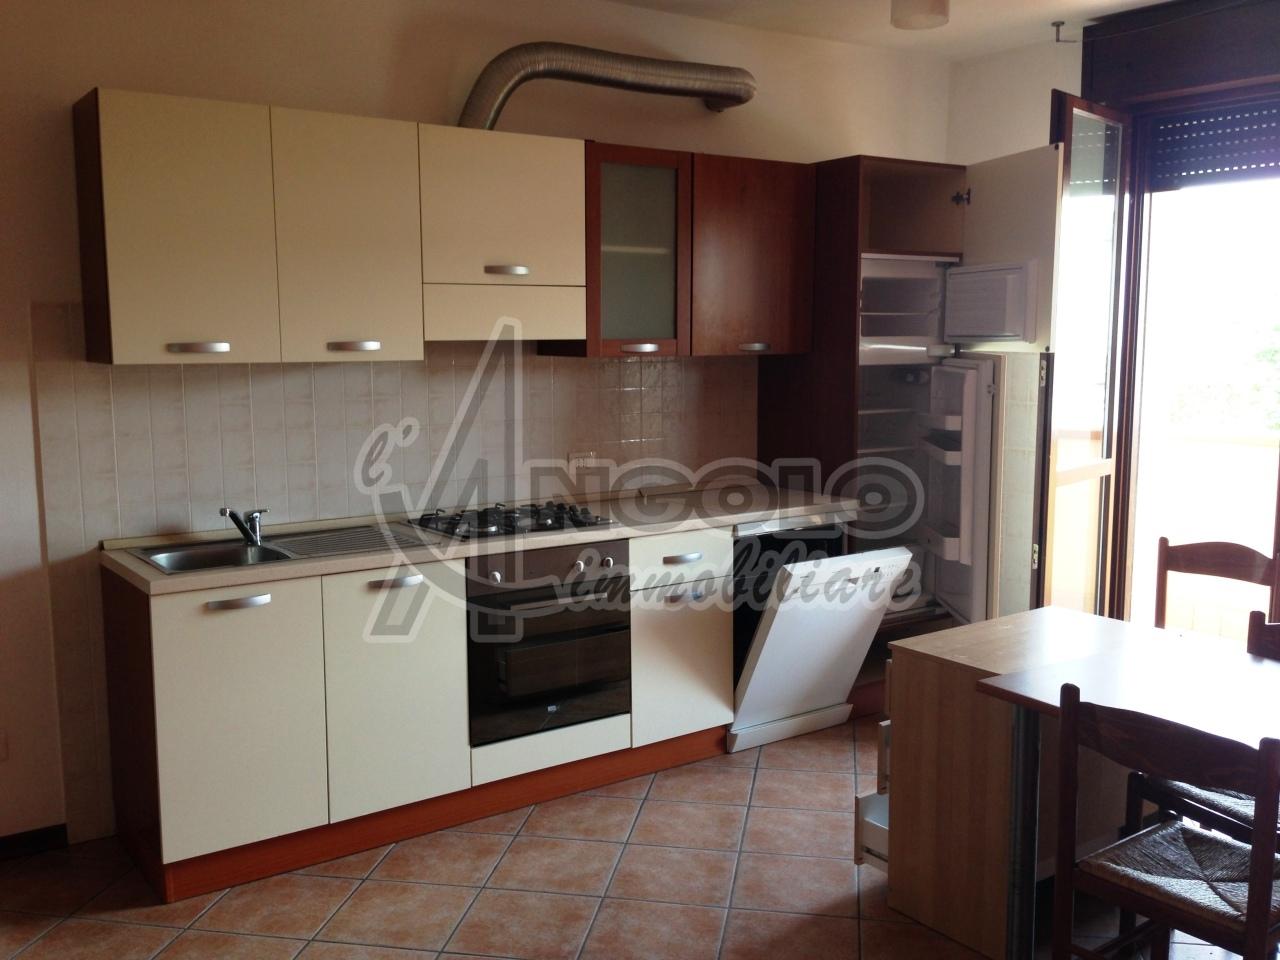 Appartamento in affitto a Occhiobello, 4 locali, prezzo € 450 | Cambio Casa.it